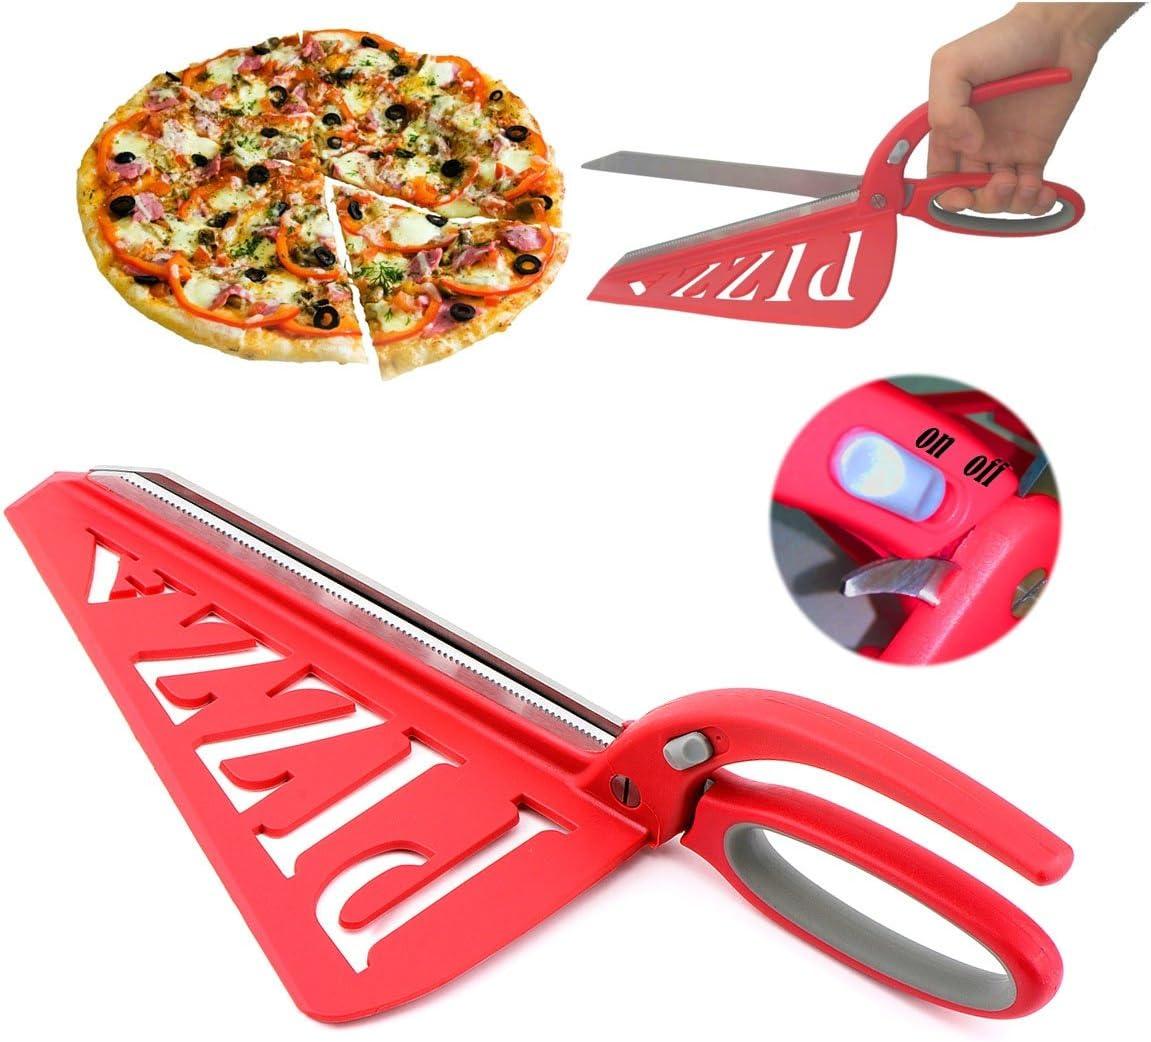 Home Papa Tijera de la pizza del acero inoxidable con la espátula y el interruptor de seguridad desprendibles, rojo, 13 pulgadas: Amazon.es: Hogar